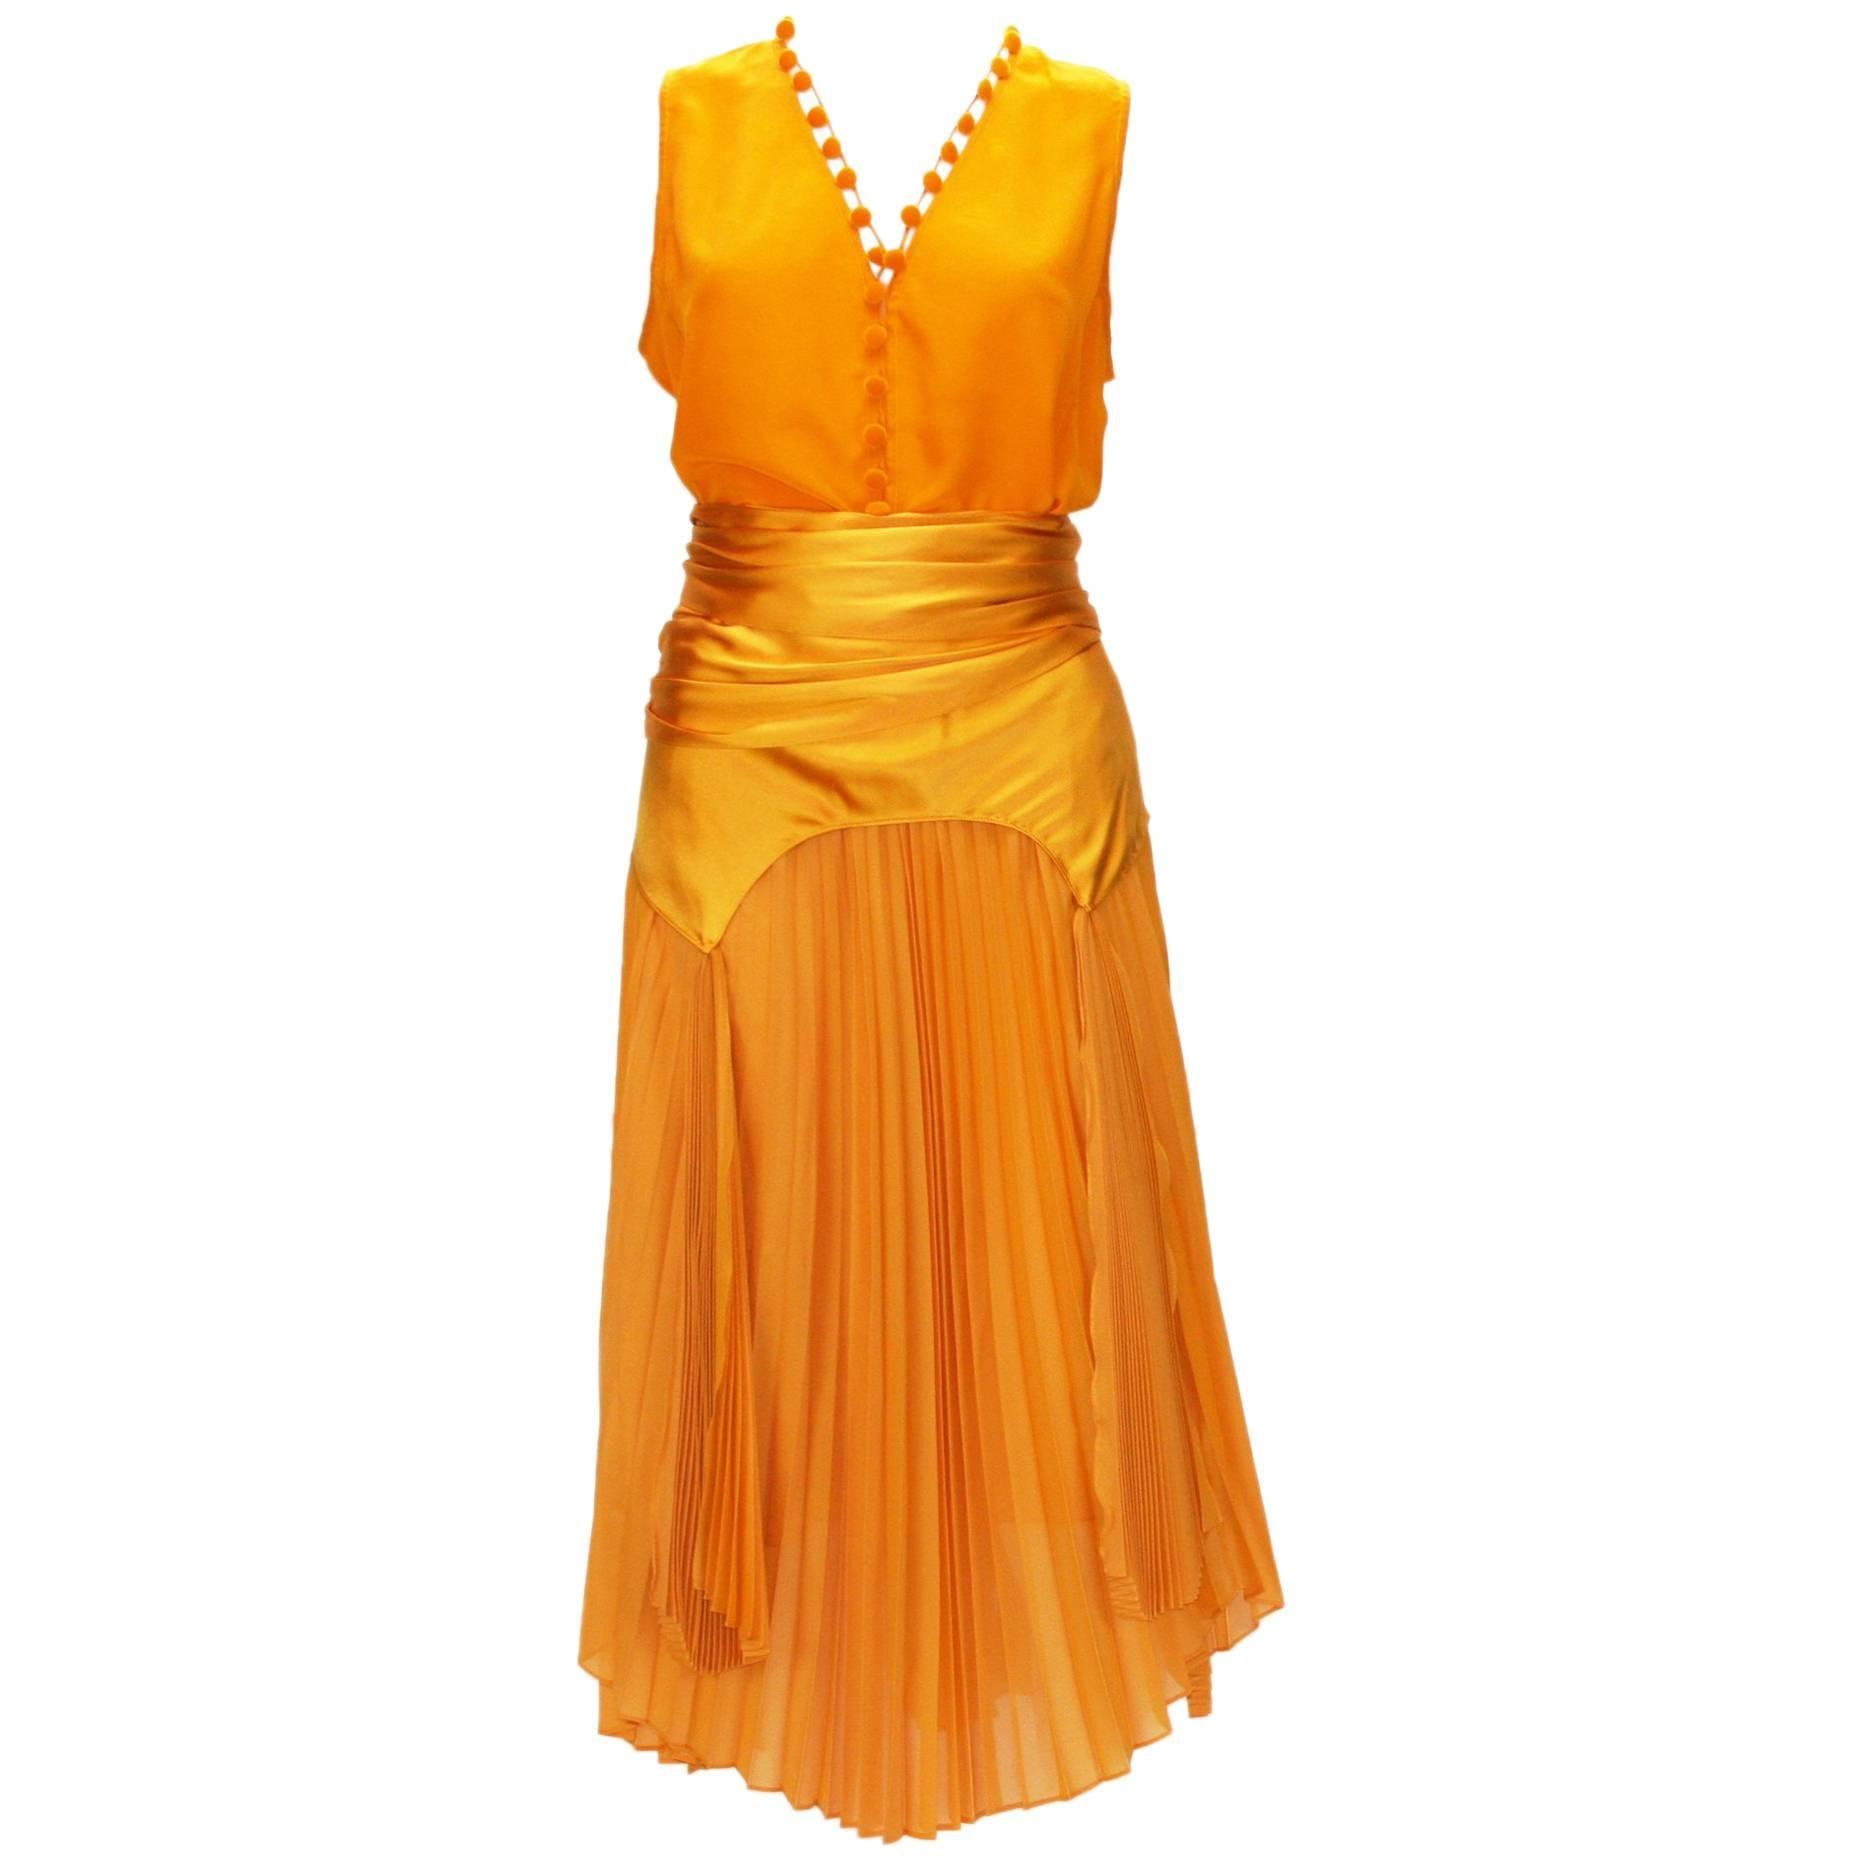 Tom Ford for Yves Saint Laurent S/S 2004 Silk Orange Top and Skirt Set  Fr 38/40